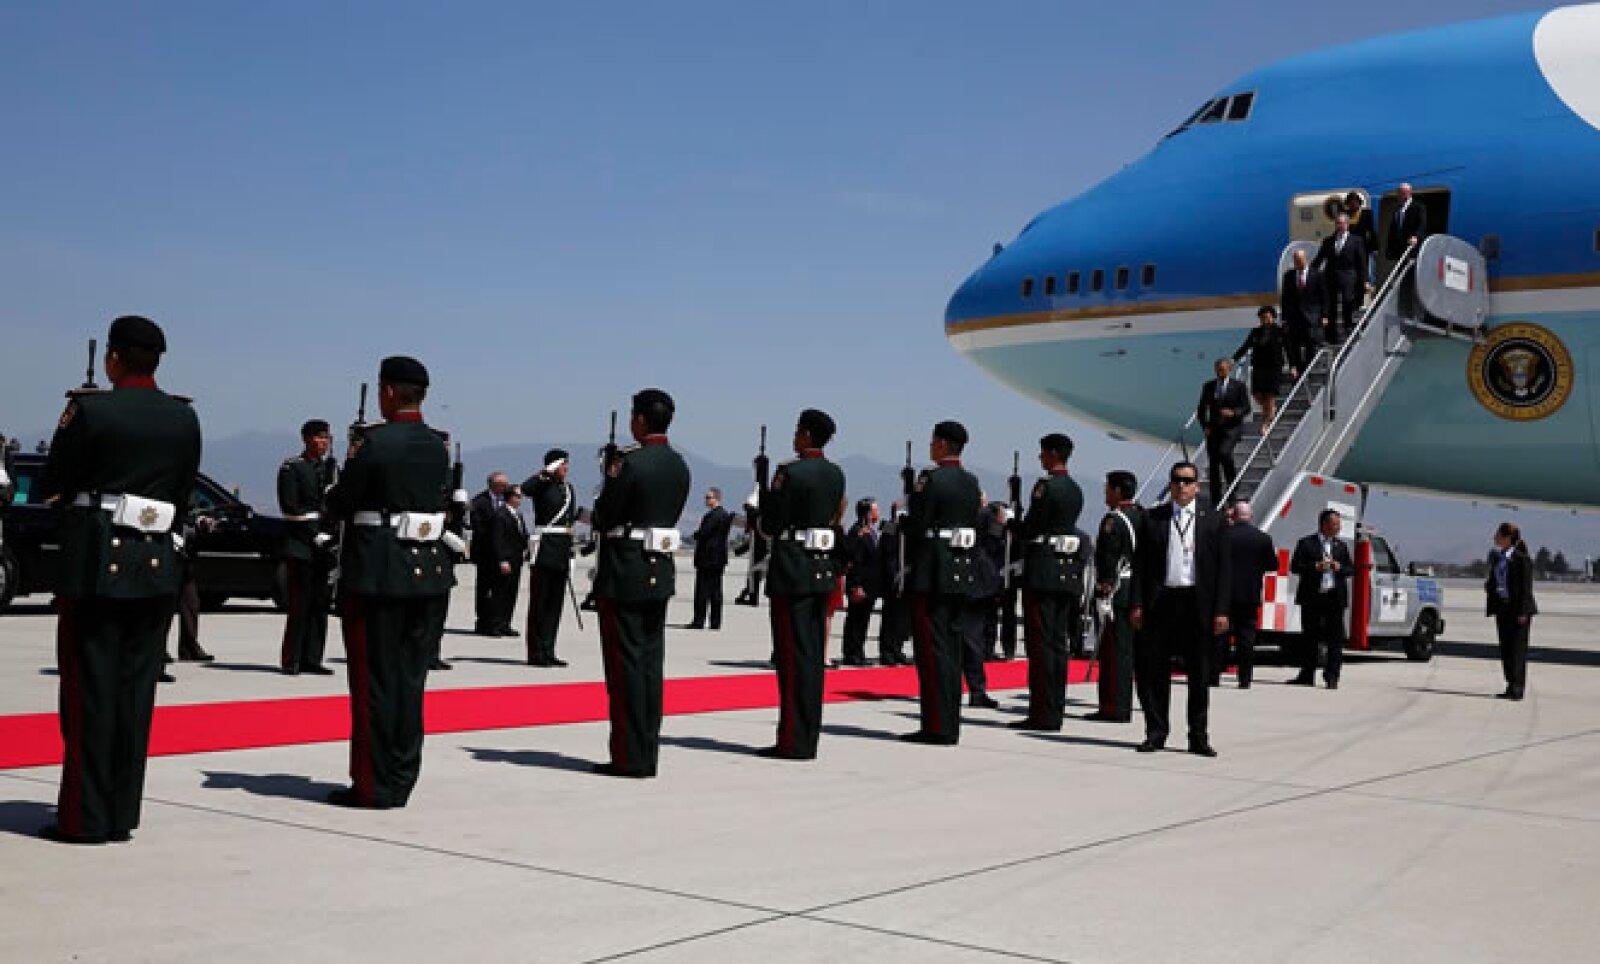 El presidente de Estados Unidos llegó a México minutos después del mediodía. Su primer compromiso es una reunión con Enrique Peña Nieto.